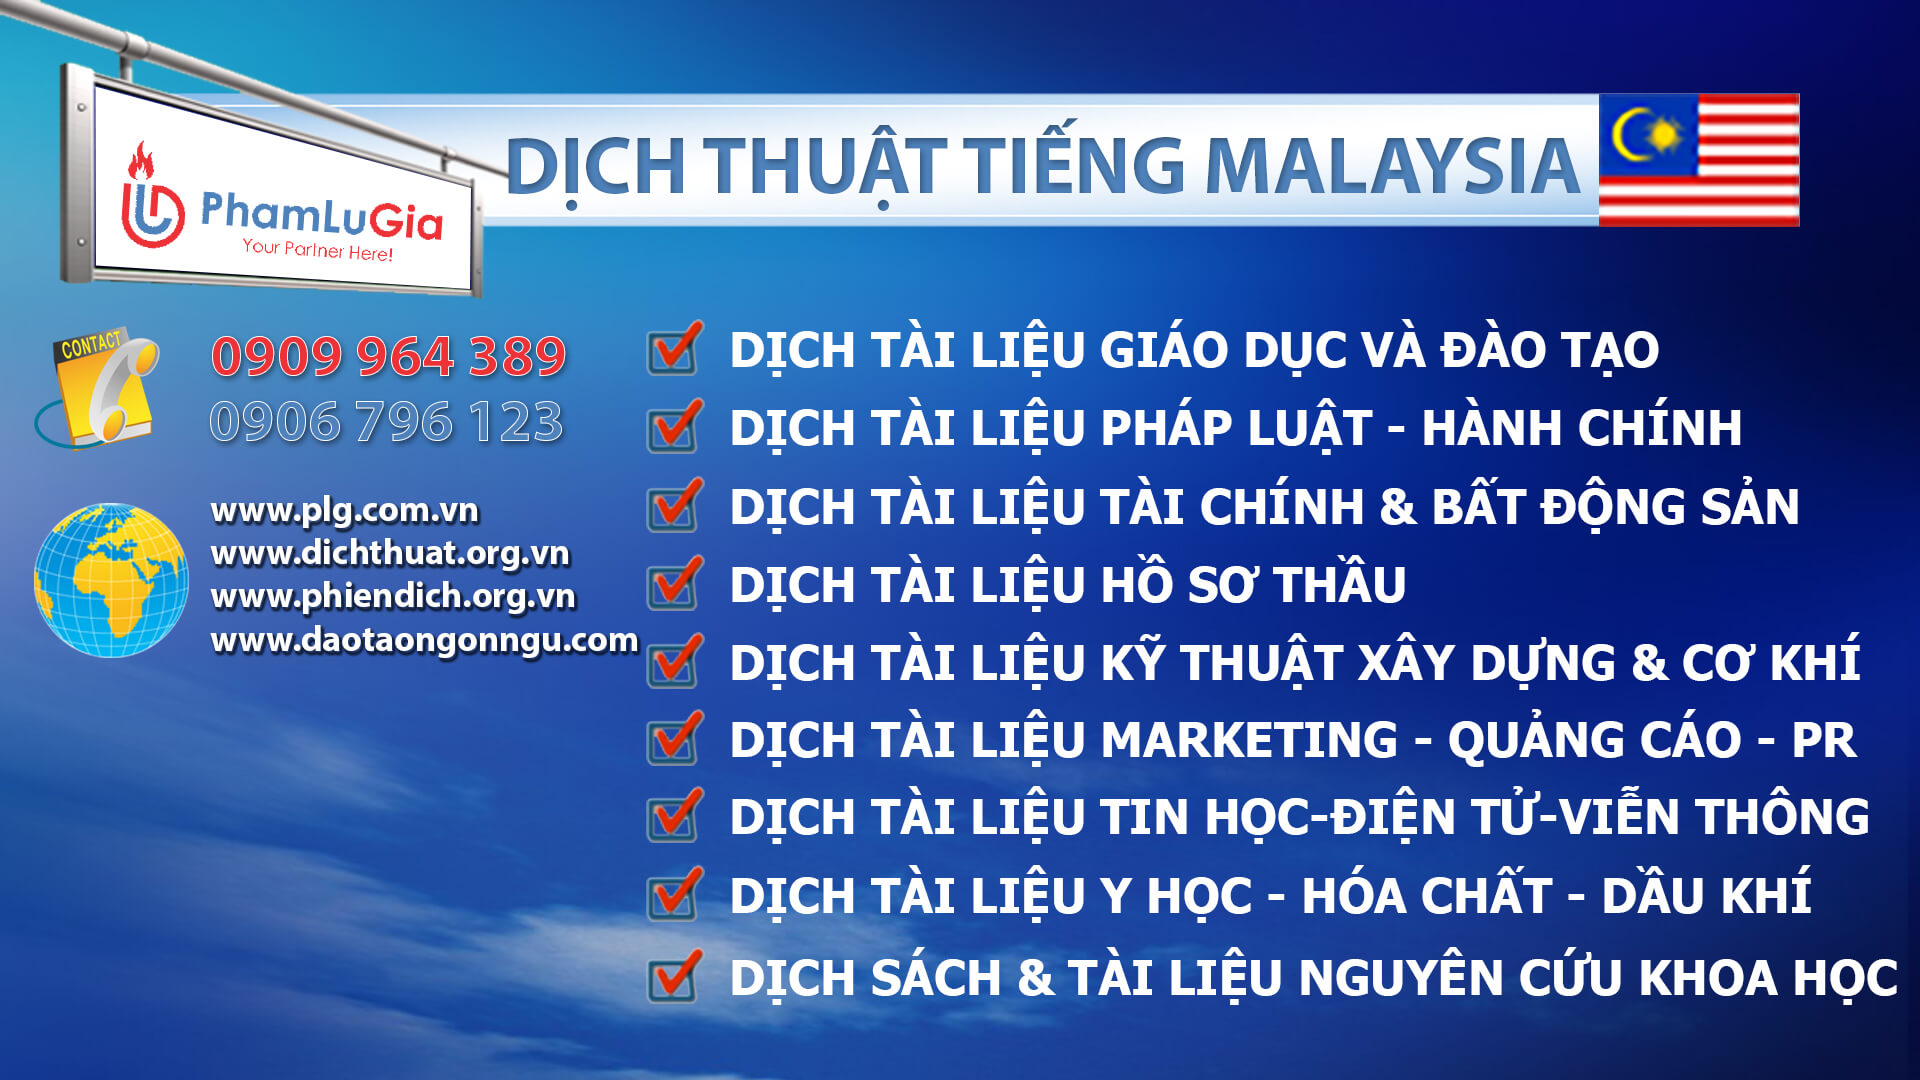 Dịch thuật tiếng Malaysia chuyên ngành